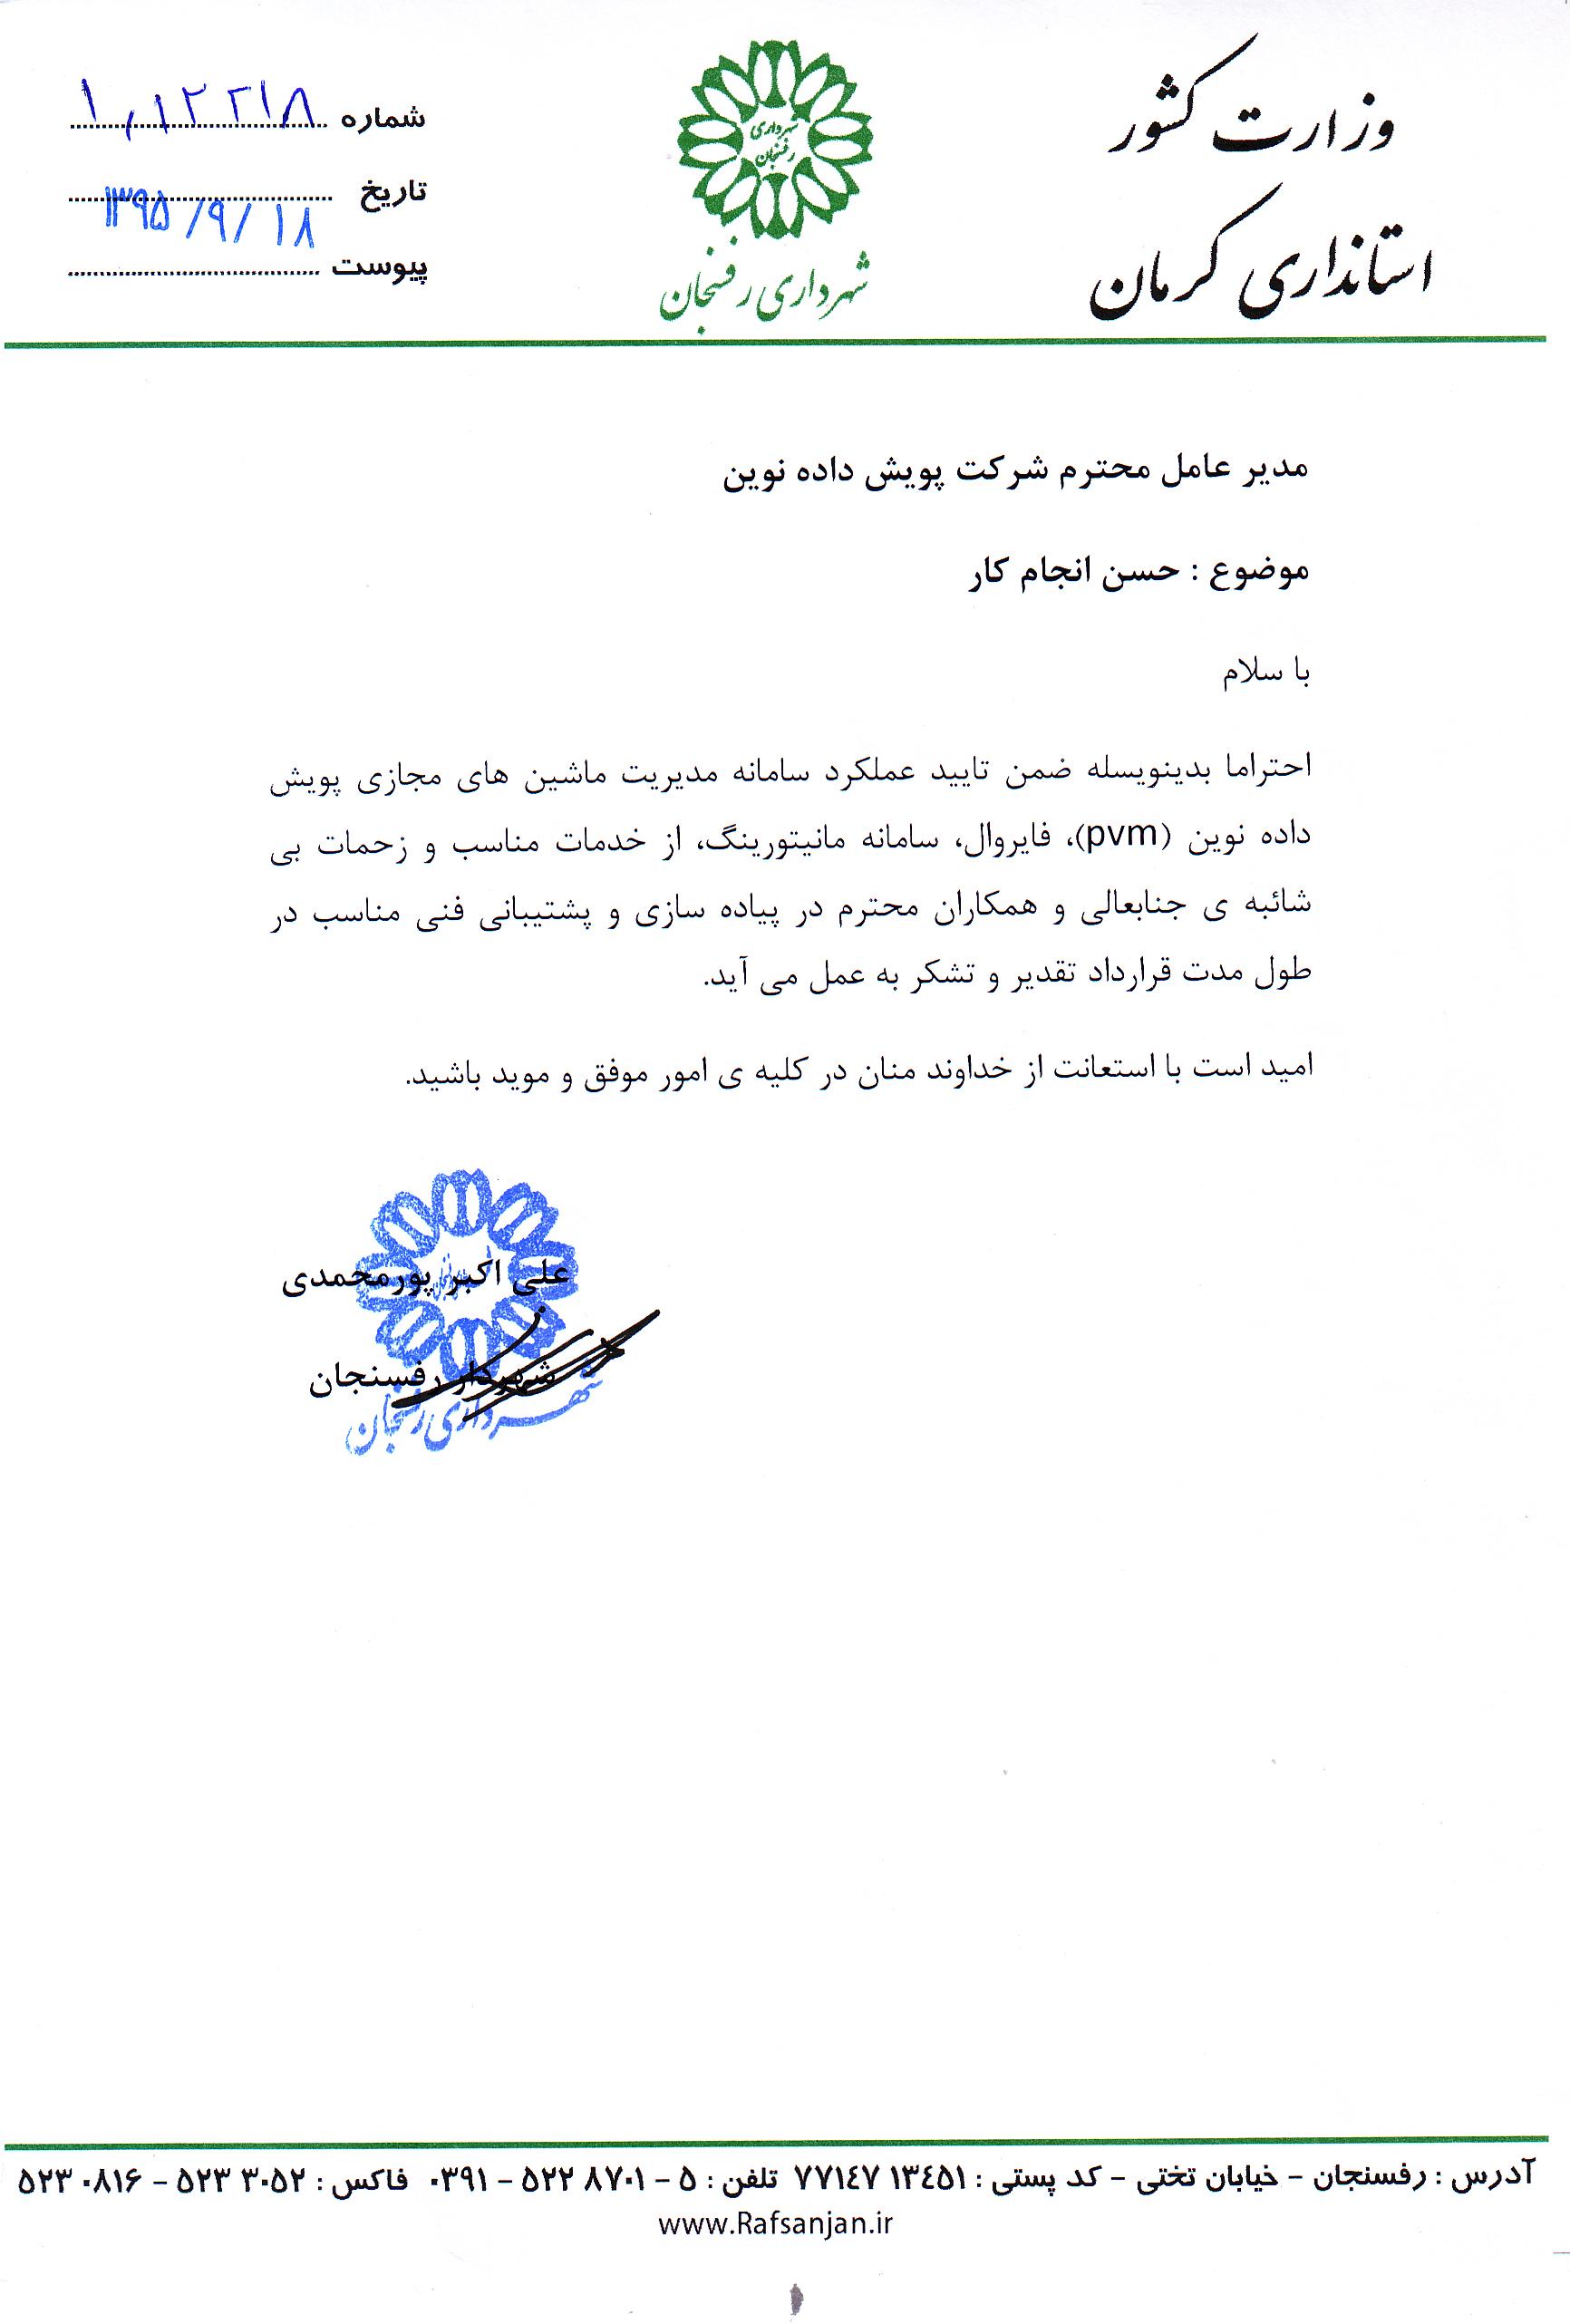 شهرداری رفسنجان.jpg -